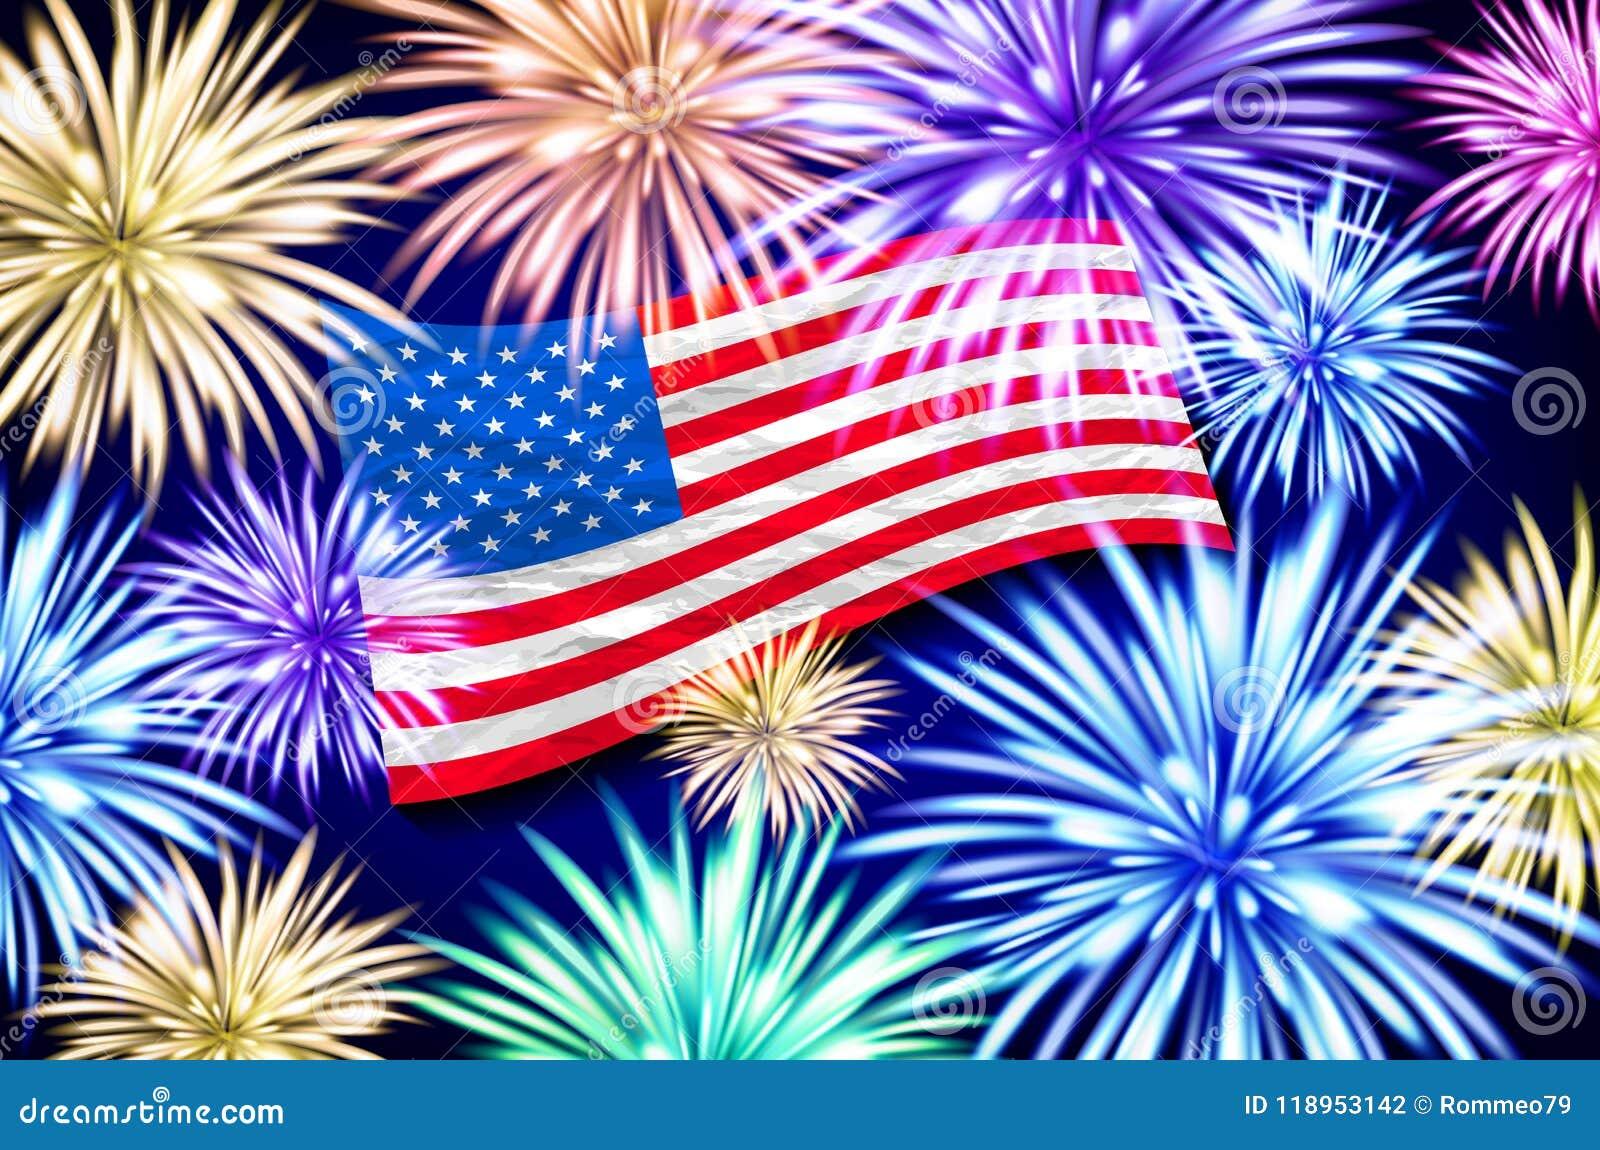 Exposição aérea dos fogos-de-artifício atrás do EUA de vibração Bandeira 4o julho, vetor do Dia da Independência